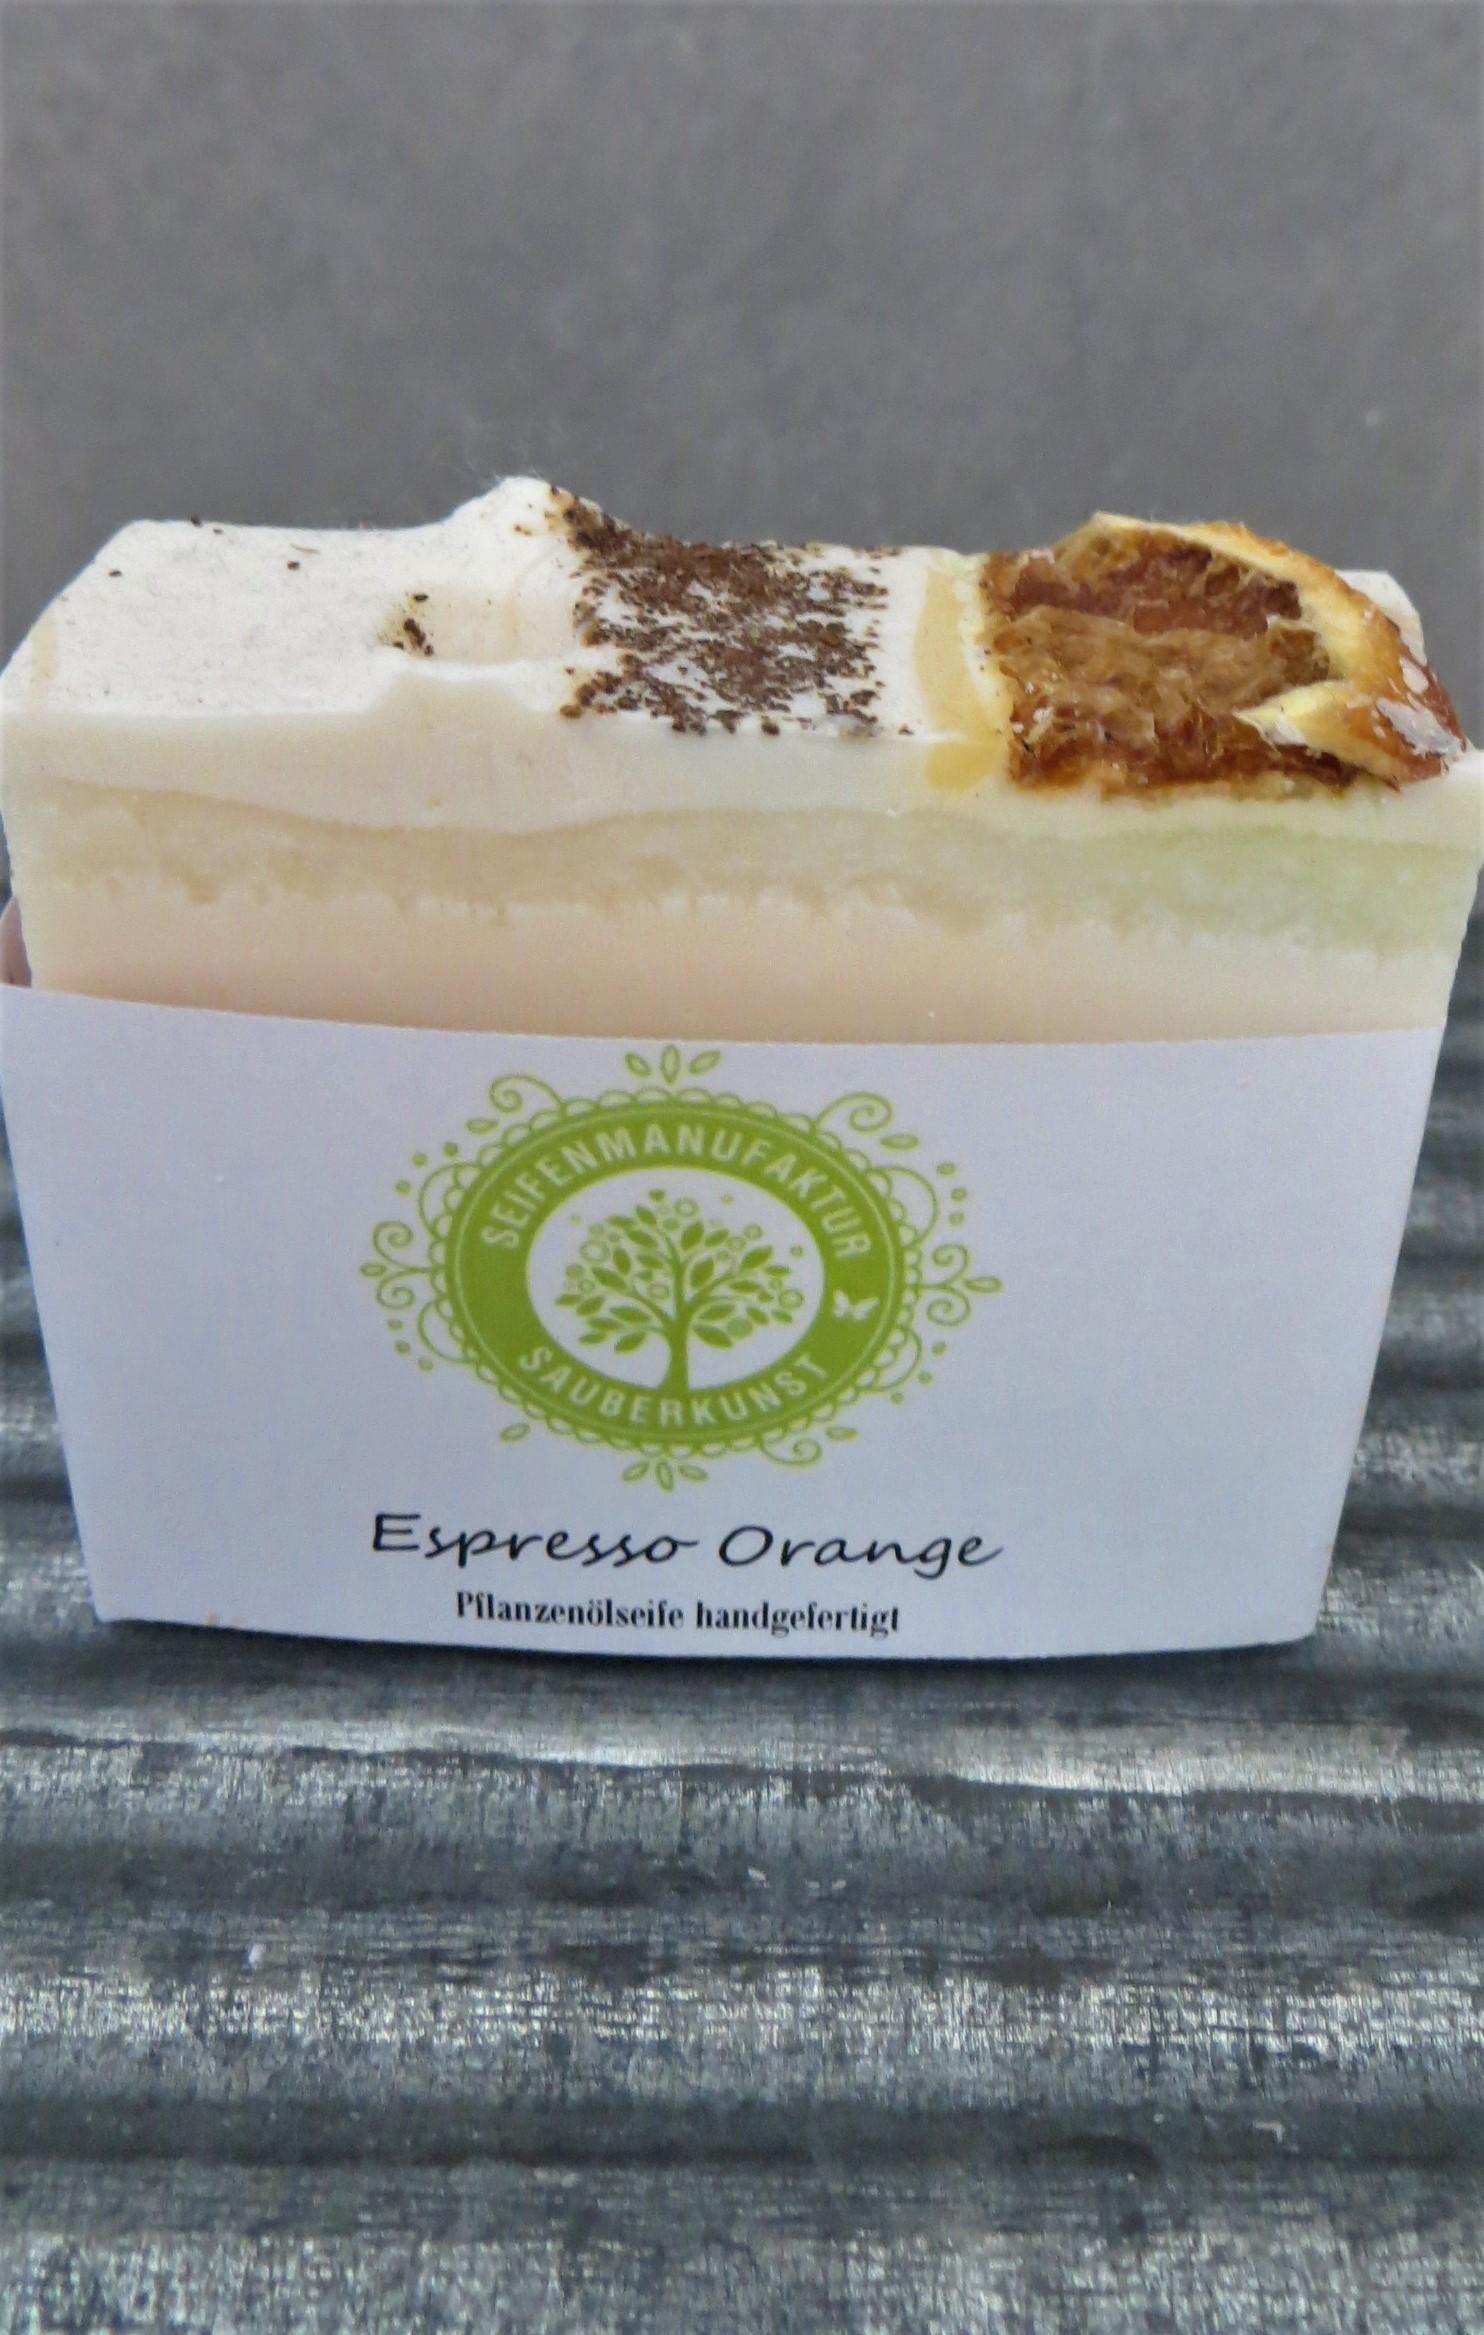 Nützlichwellness - Pflanzenölseife Espresso Orange 100 g SauberKunst - Onlineshop Tante Emmer